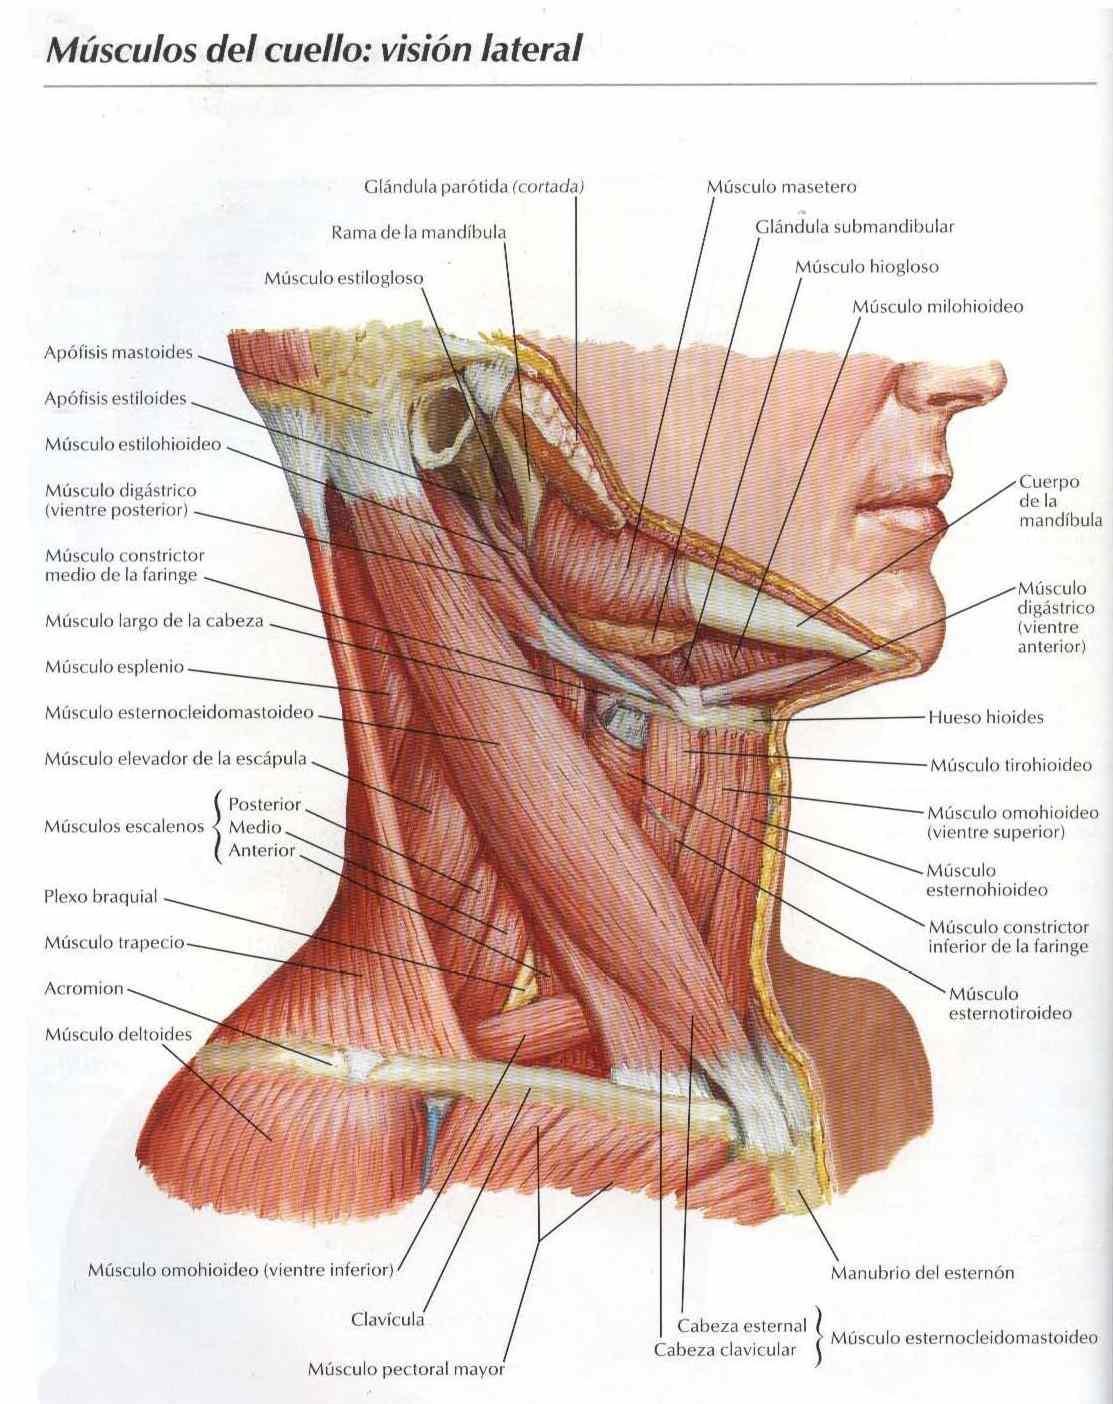 Atlas: Músculos del cuello visión lateral